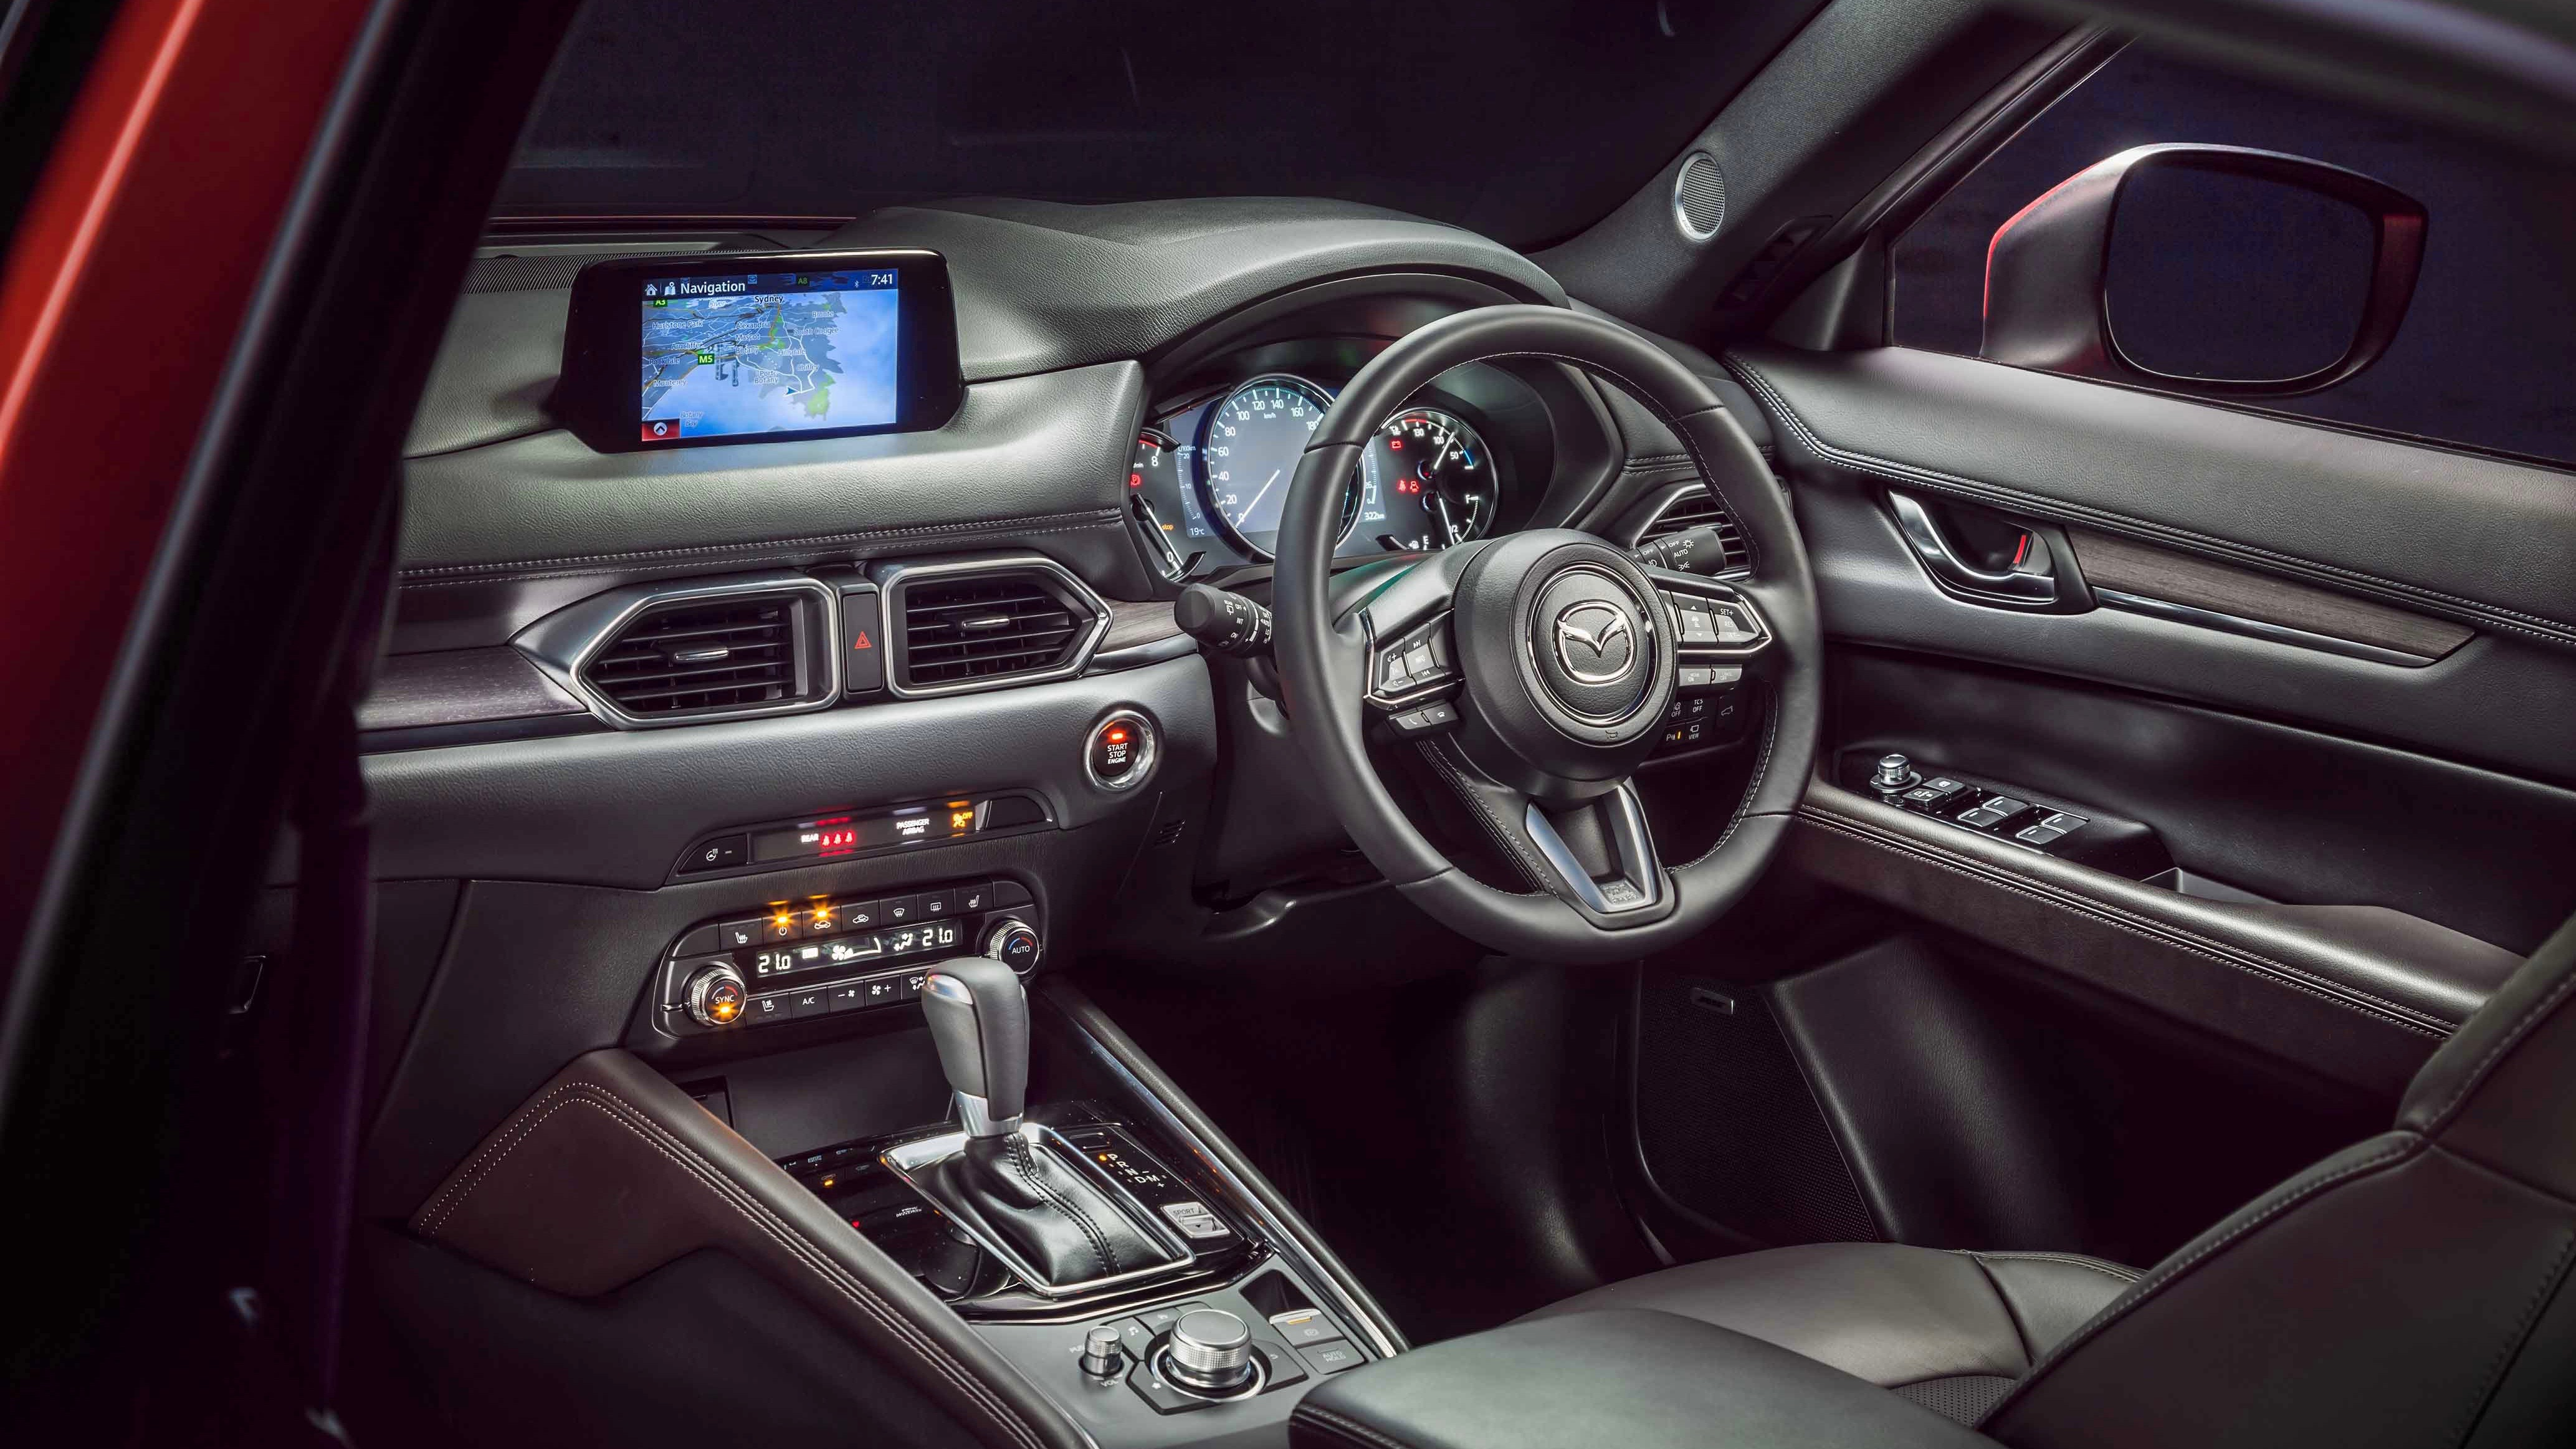 2019 Mazda CX-5 Akera dashboard